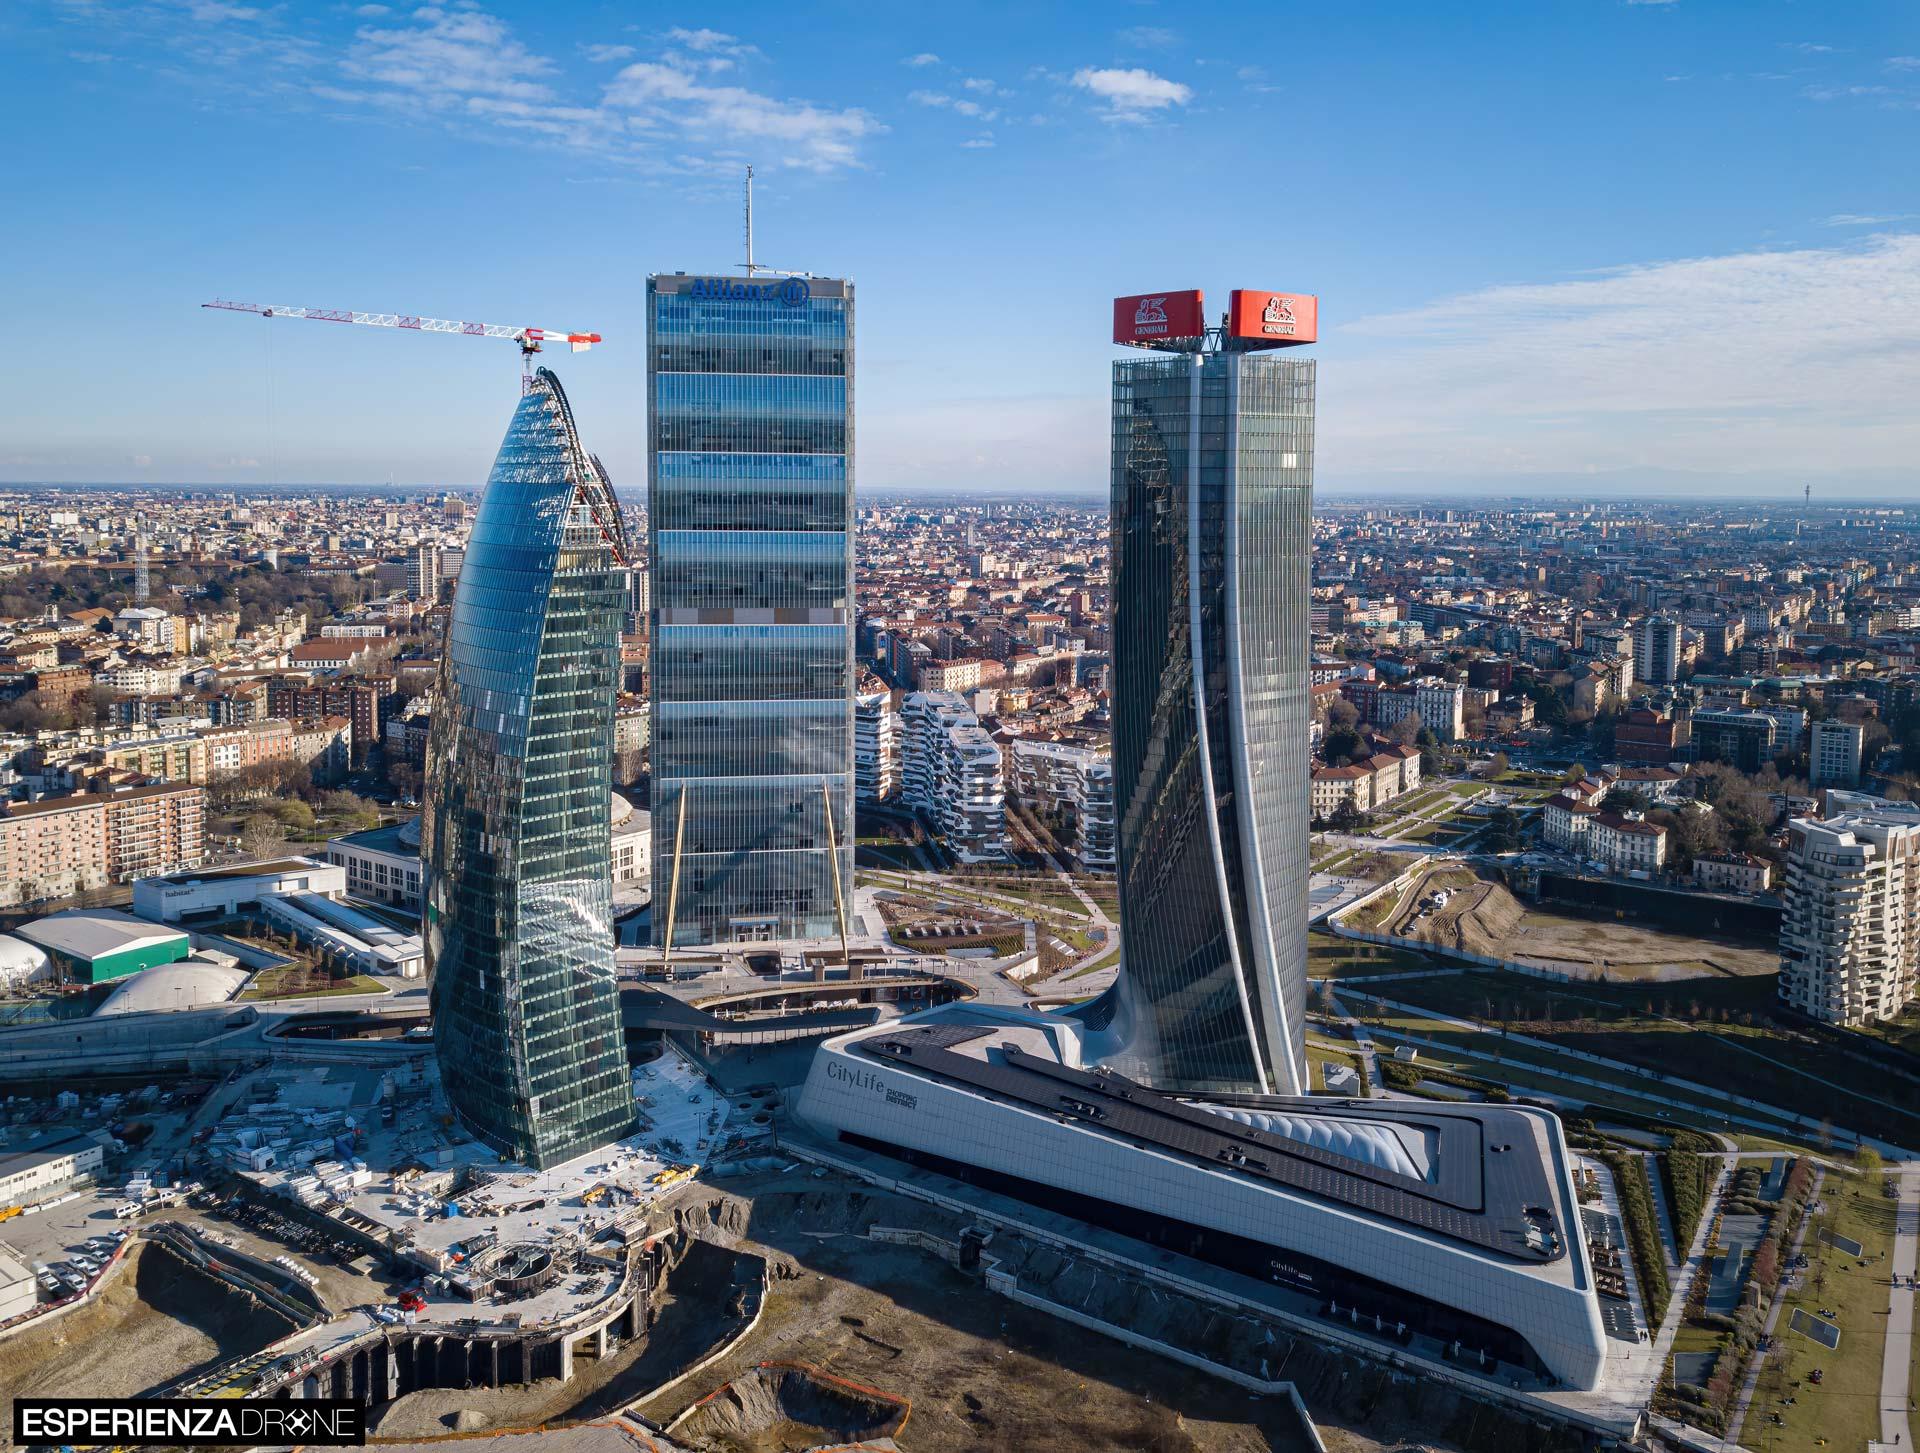 esperienza drone fotografia aerea costruzione torri citylife milano undici.jpg